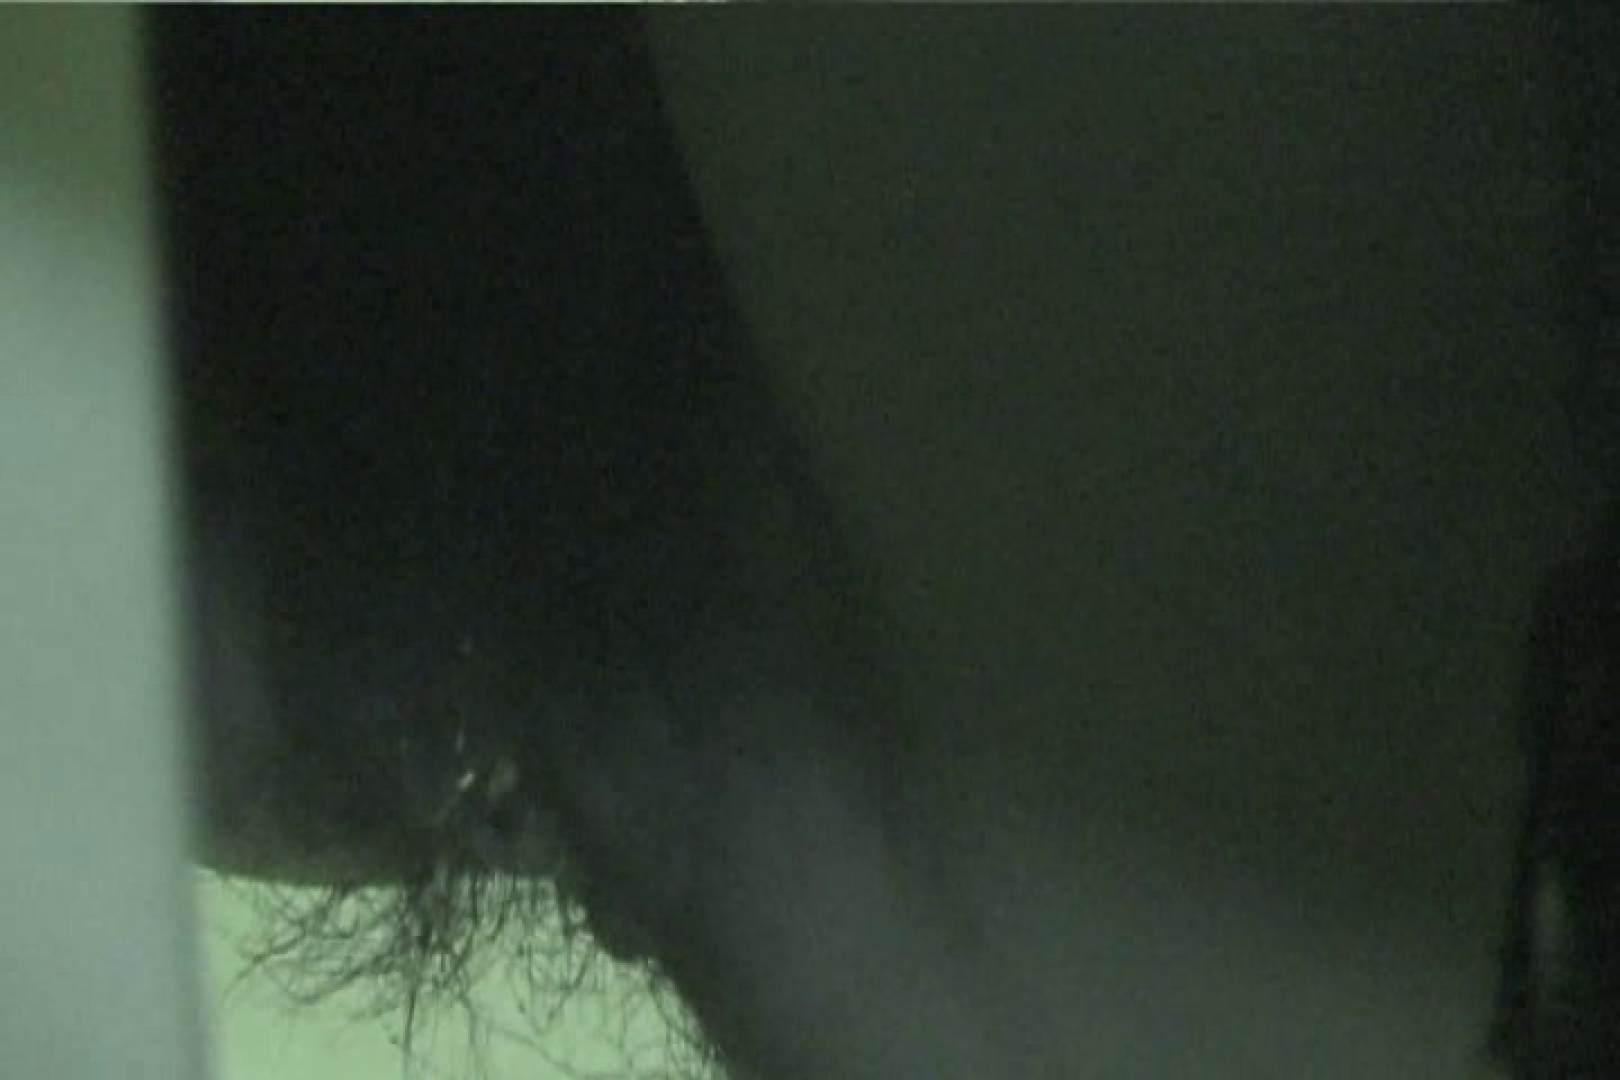 マンコ丸見え女子洗面所Vol.30 マンコ おめこ無修正動画無料 59画像 37